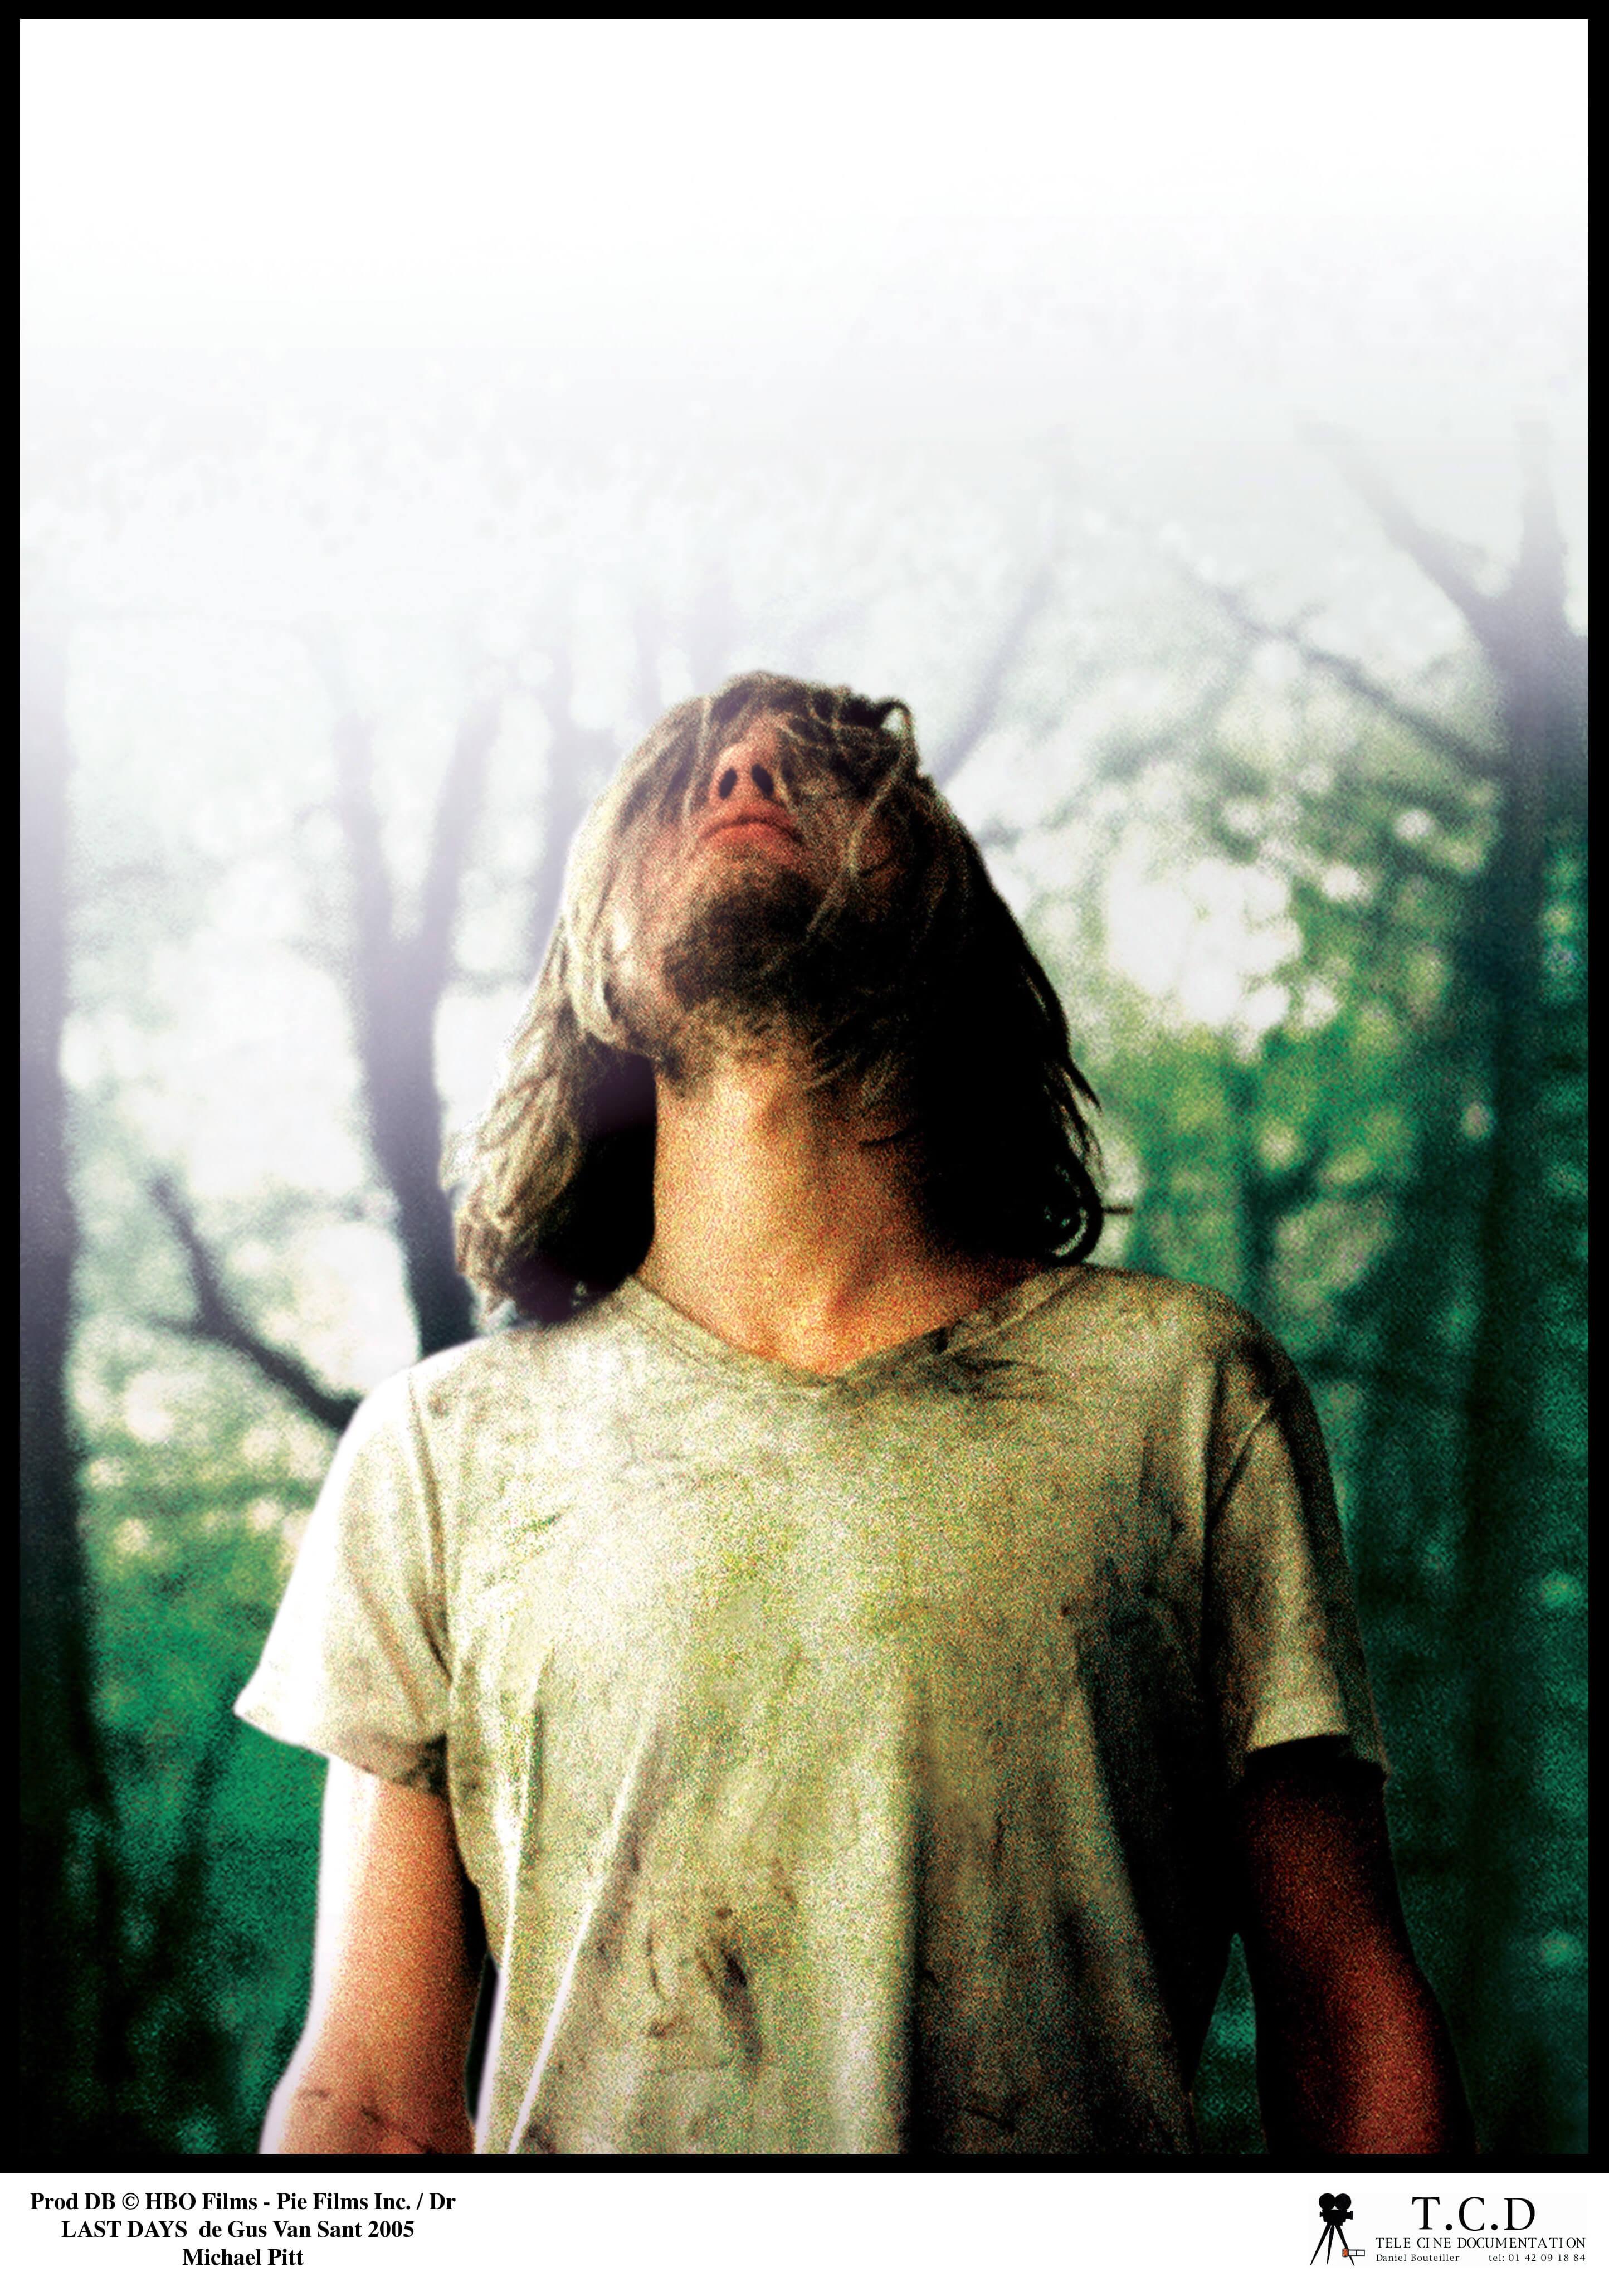 Майкл Пітт у «Останніх днях» Ґаса Ван Сента (2005) © HBO